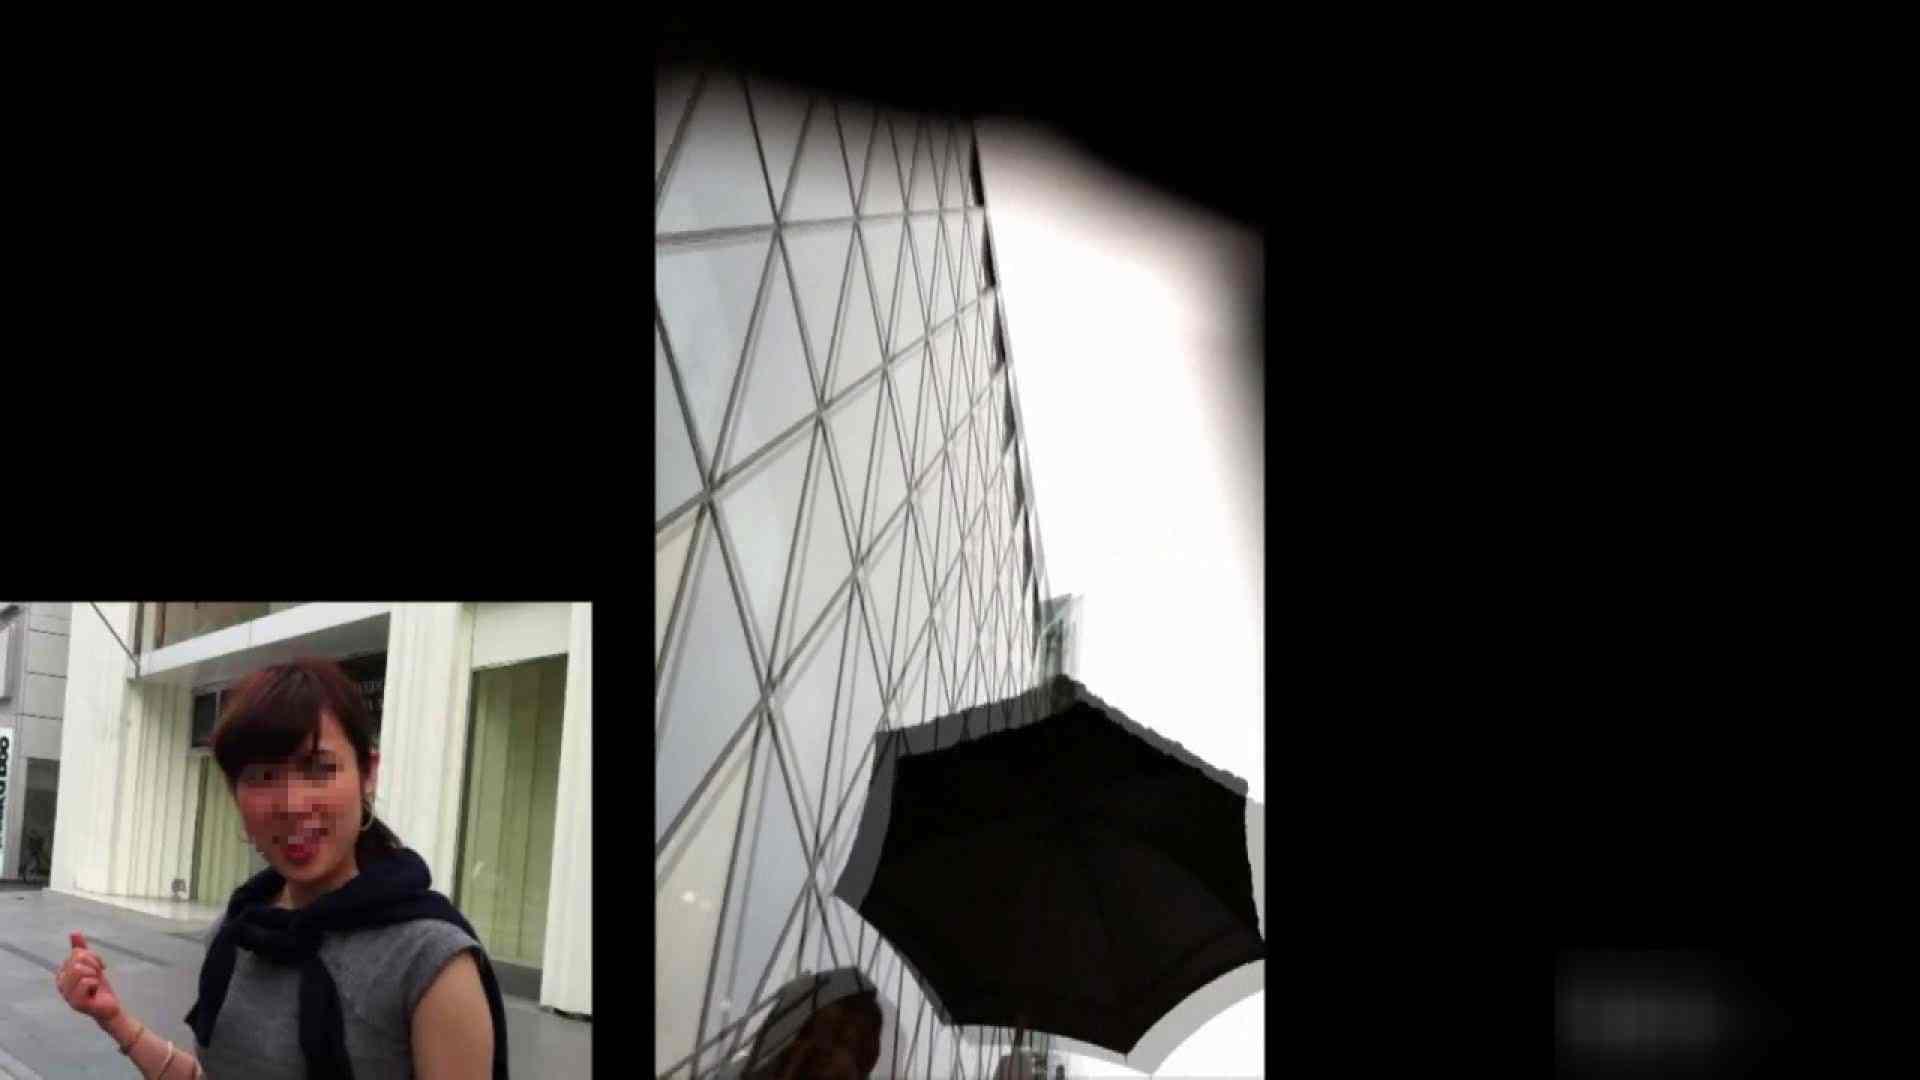 ガールズパンチラストリートビューVol.006 OLエロ画像 隠し撮りおまんこ動画流出 92PICs 18